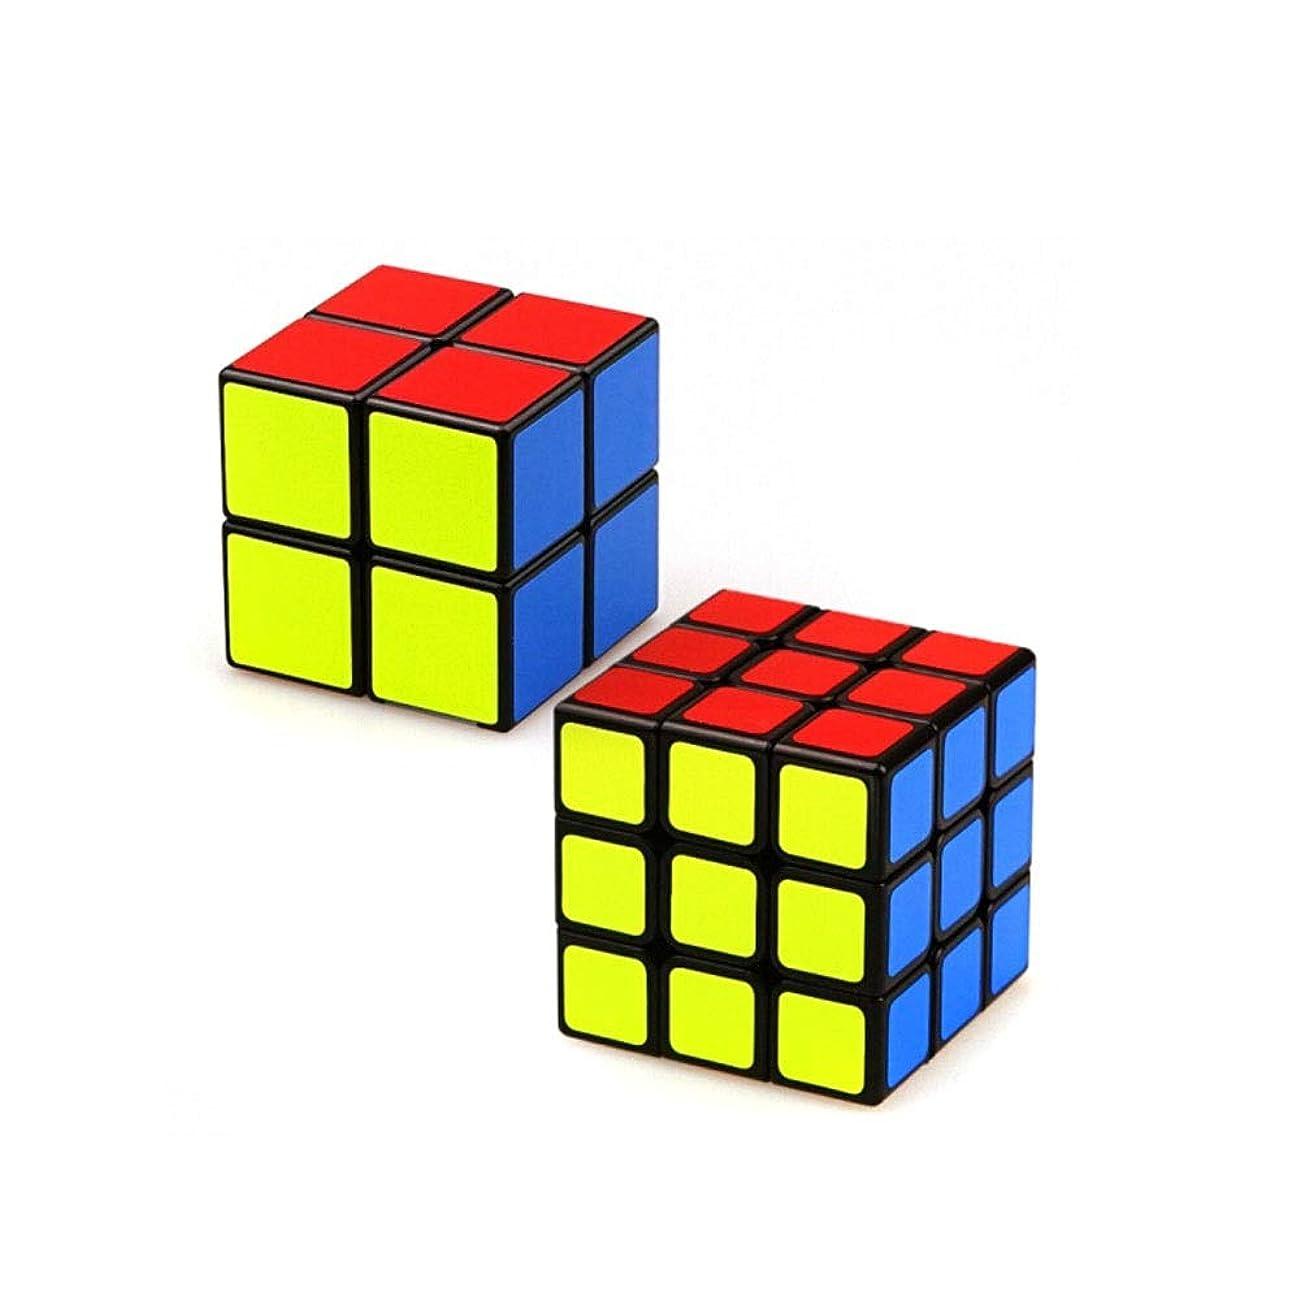 エラー強制的倒錯Hongyushanghang ルービックキューブ、一緒に詰め込まれた4つのスタイリッシュな小さなキューブは、プロのスモールゲーム、スムーズな品質として使用することができます(2次/ 3次/ 4次/ 5次) 使いやすい (Edition : Two-order~Fifth-order)